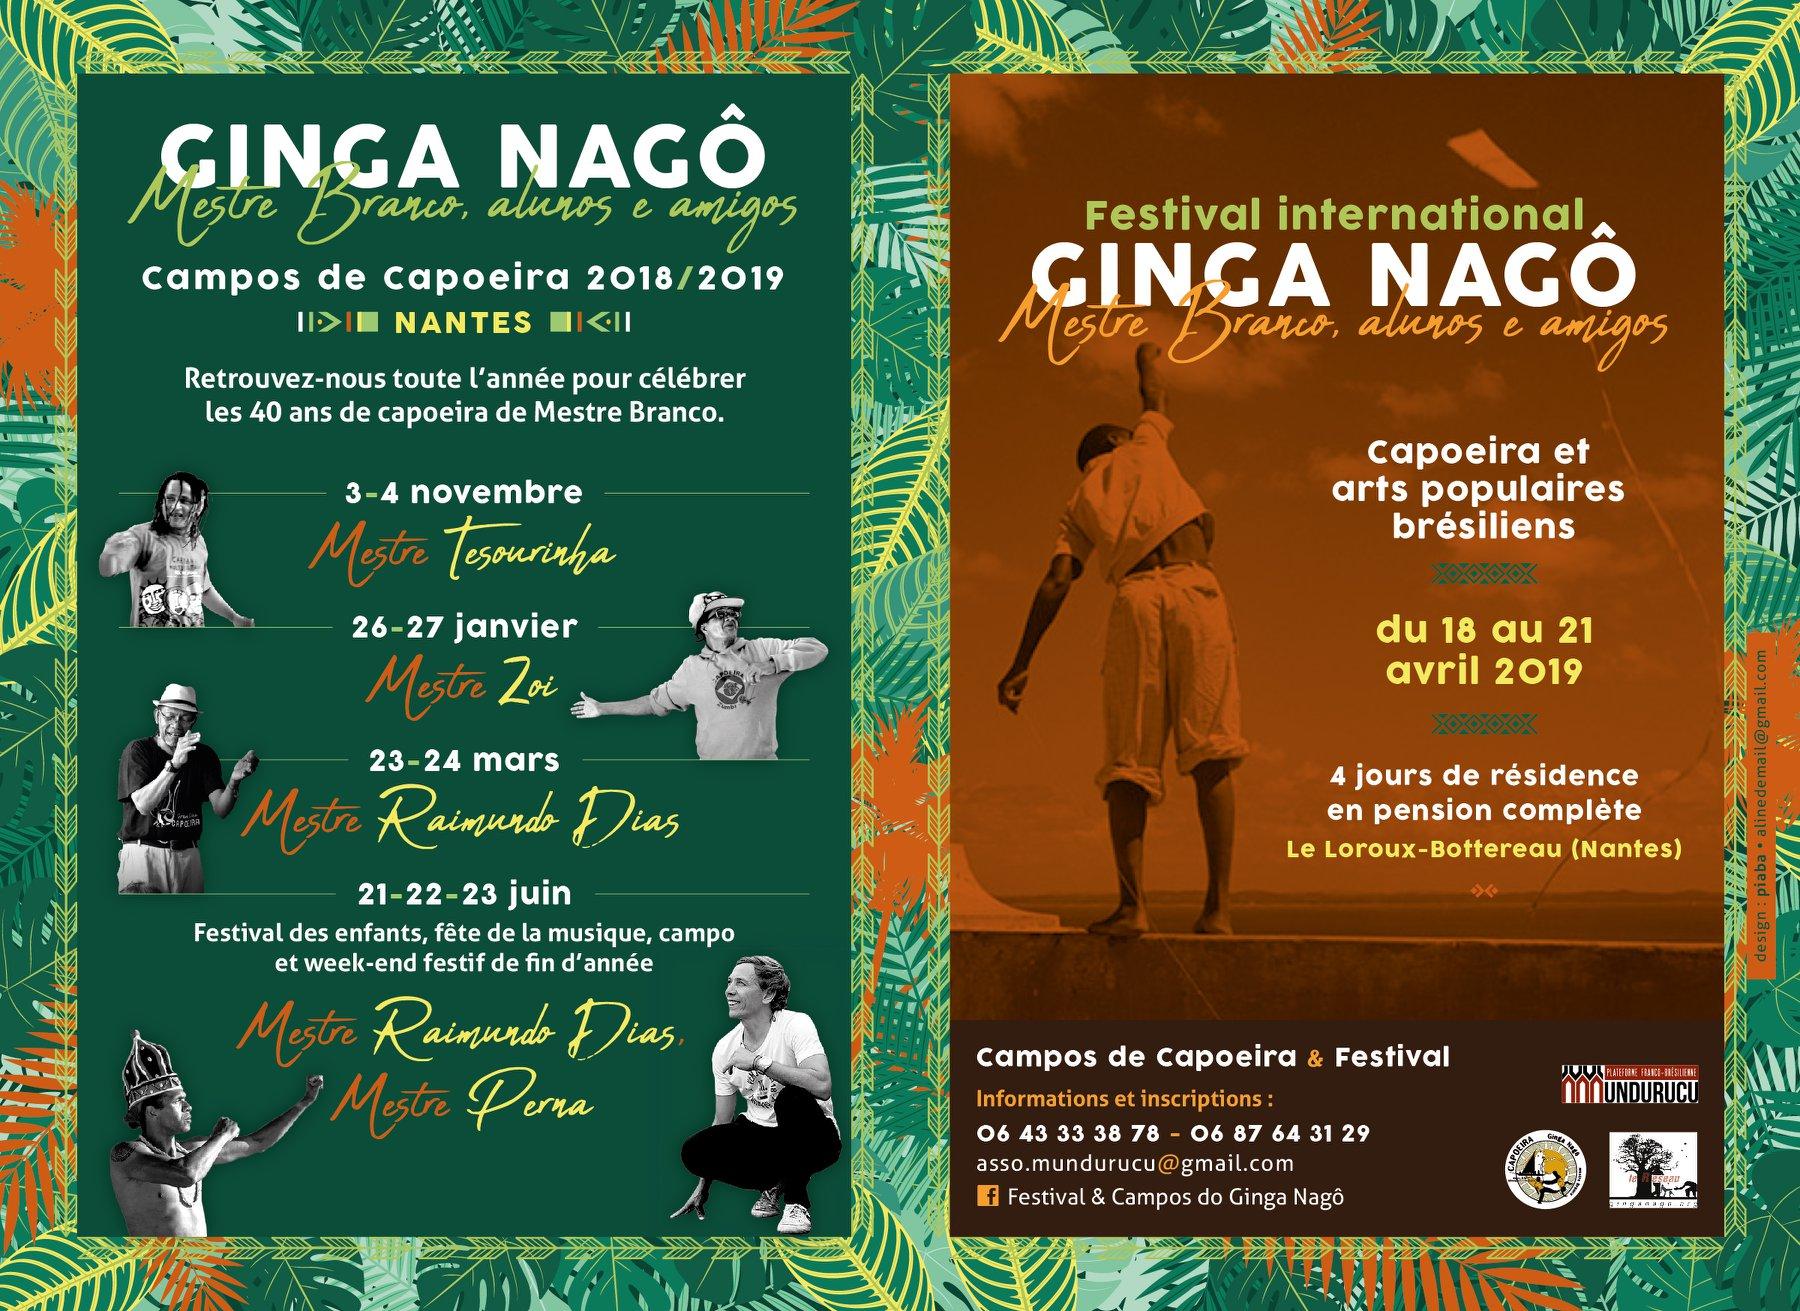 Campos de Capoeira 2018/2019